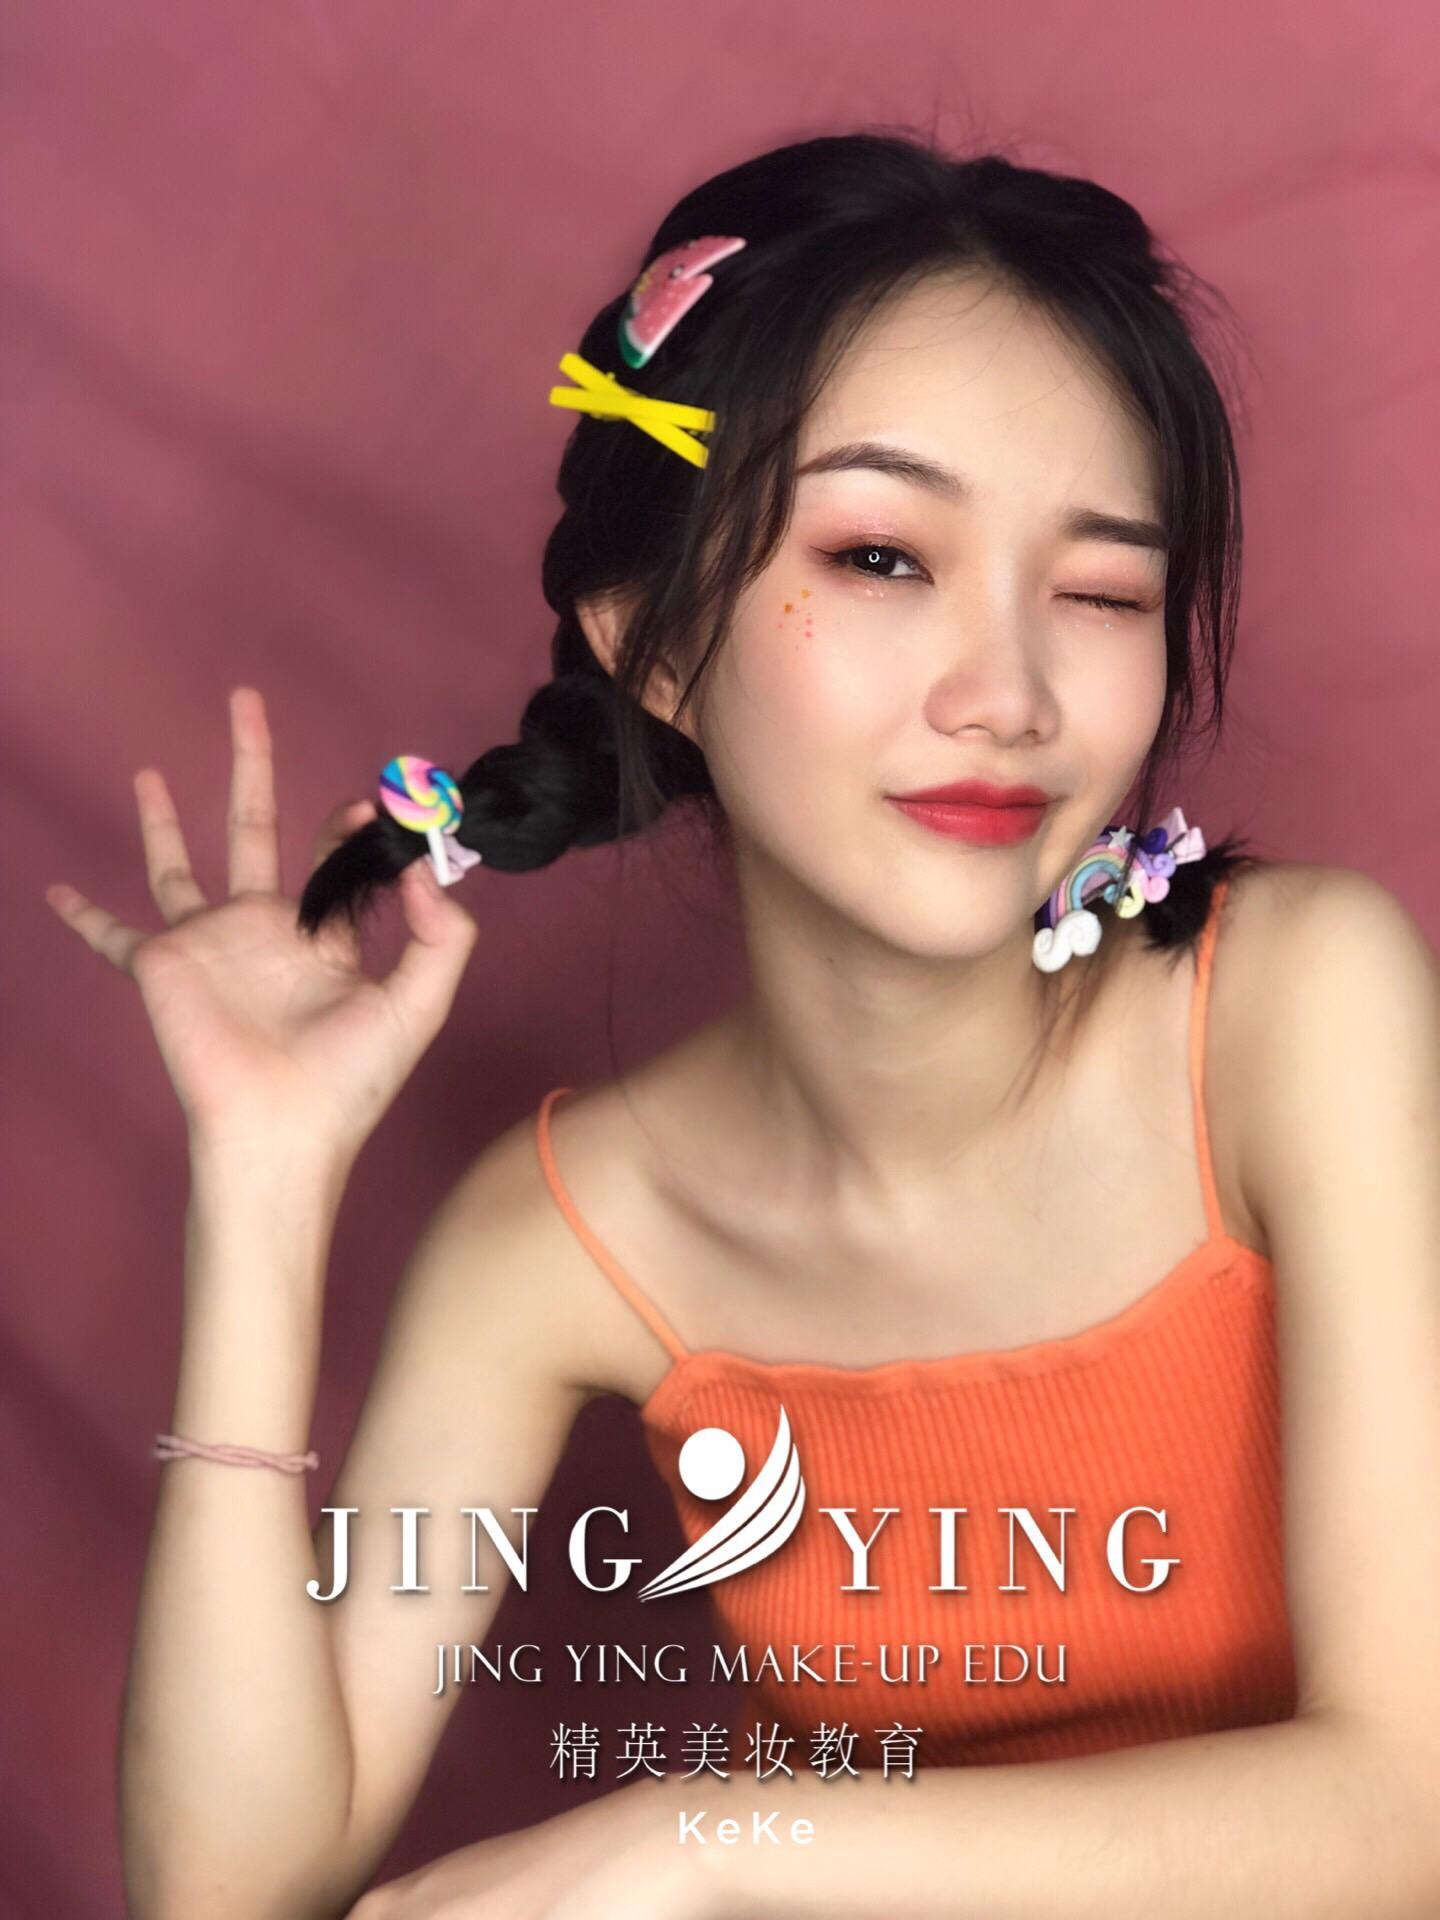 少女妆容造型化妆作品图片3